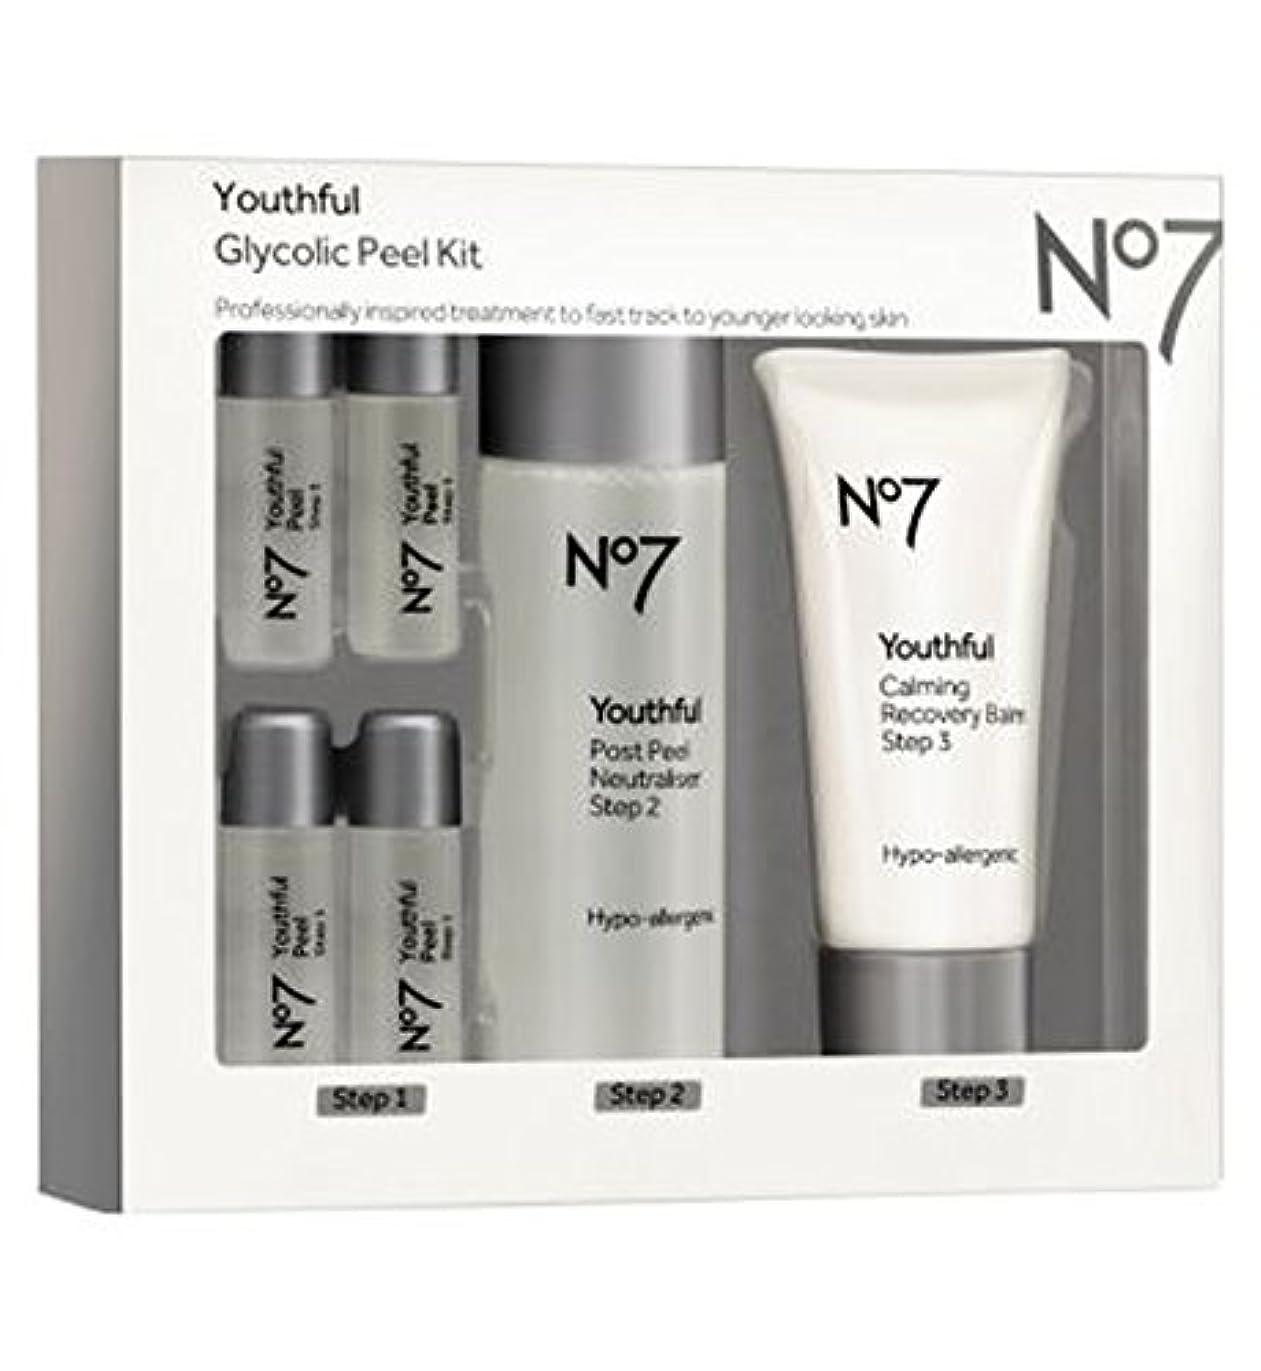 フィットがっかりする固体No7 Youthful Glycolic Peel Kit - No7若々しいグリコールピールキット (No7) [並行輸入品]